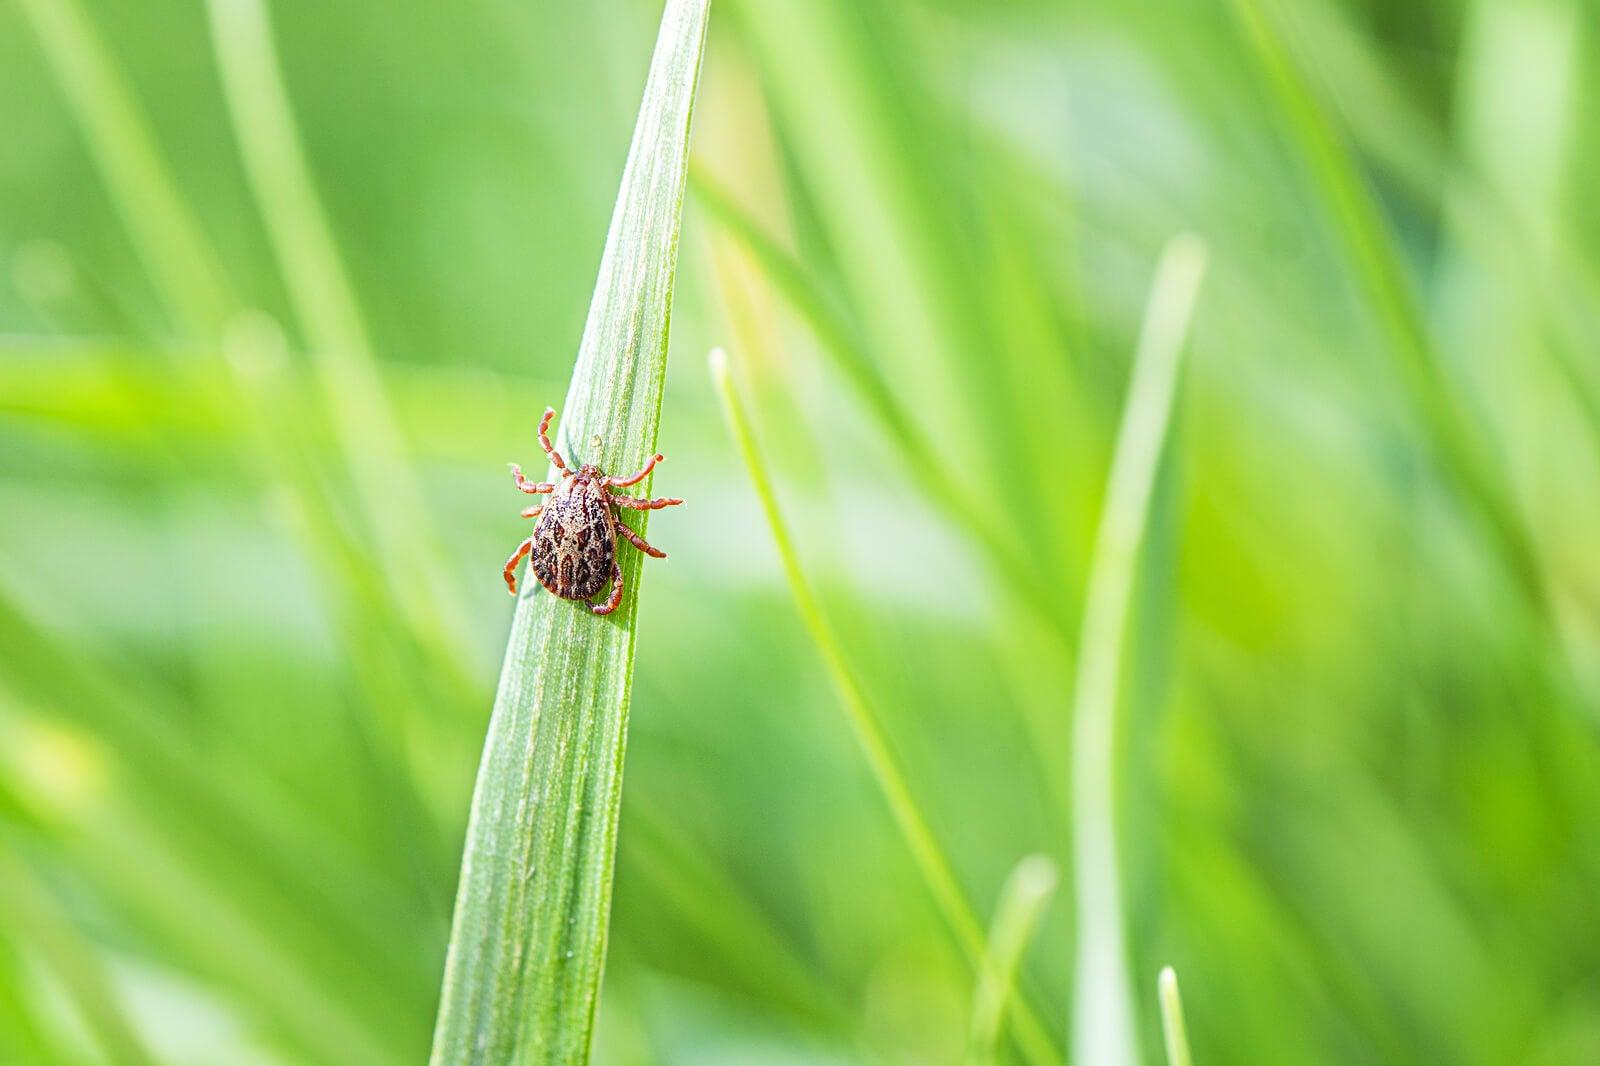 Garrapata en una hoja de hierba en el campo.